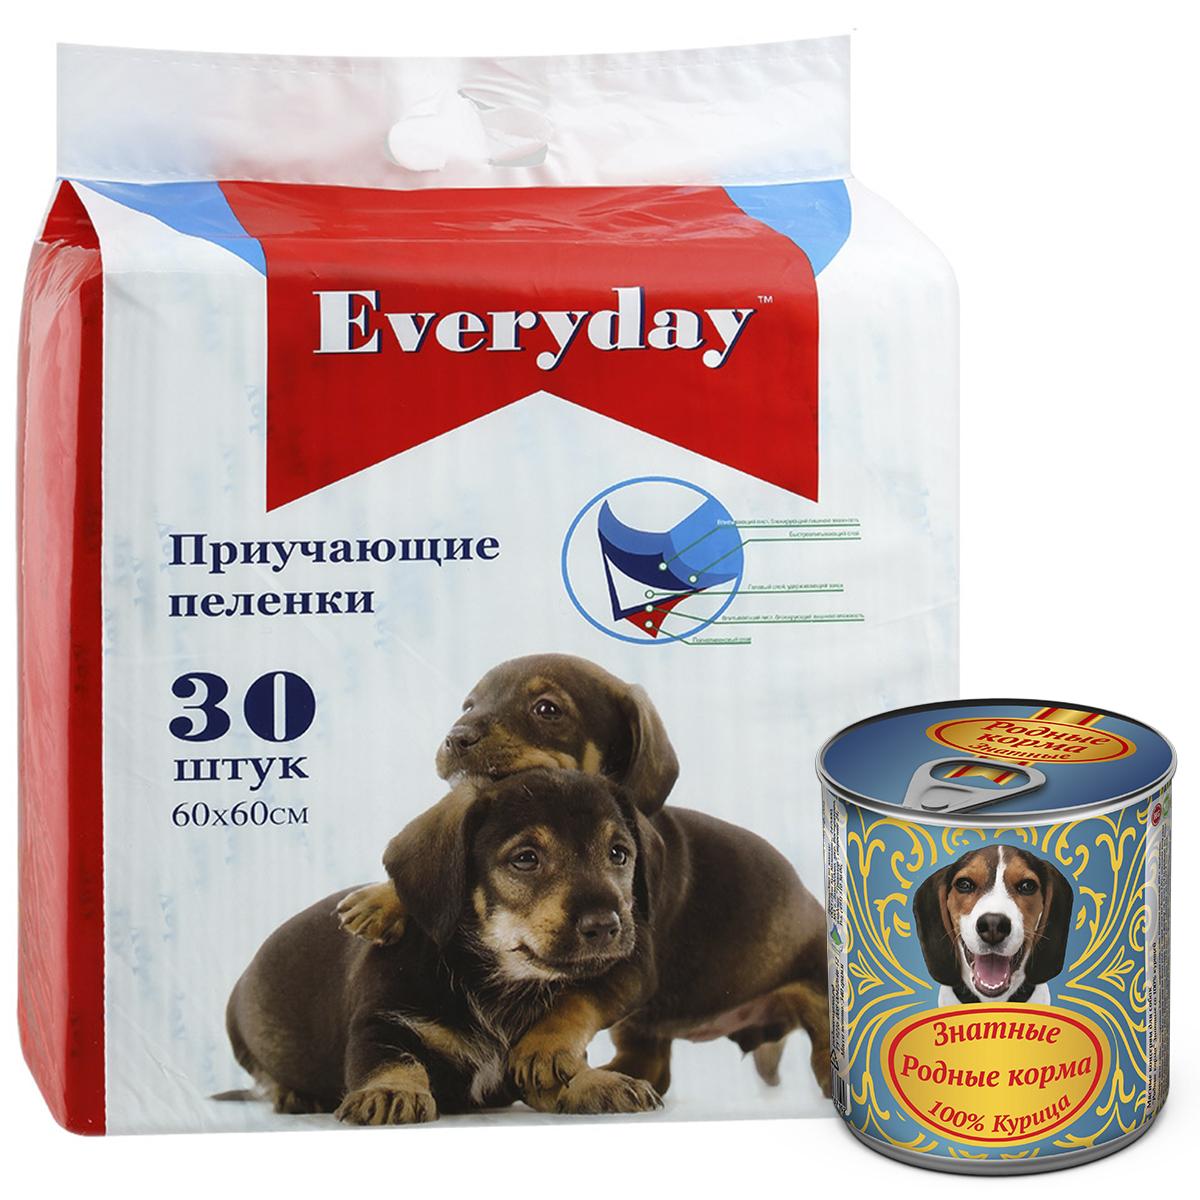 Пеленки для животных  Everyday , впитывающие, гелевые, 60 х 60 см, 30 шт + ПОДАРОК: Консервы для собак Родные корма  Знатные , 100 % Курица, 340 г - Средства для ухода и гигиены